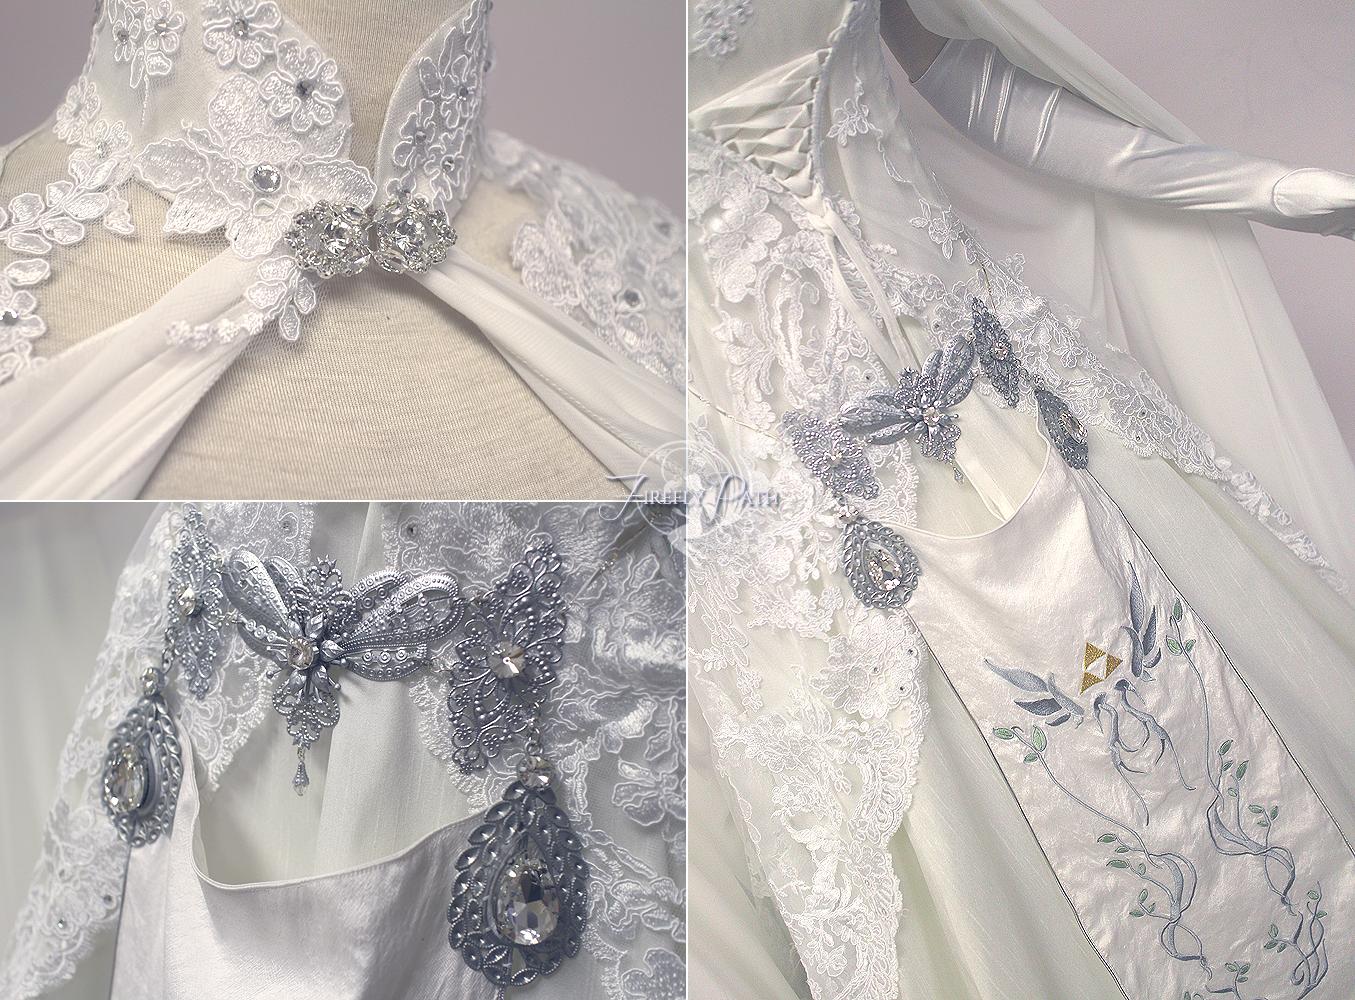 Zelda Wedding Dress Details By Firefly Path